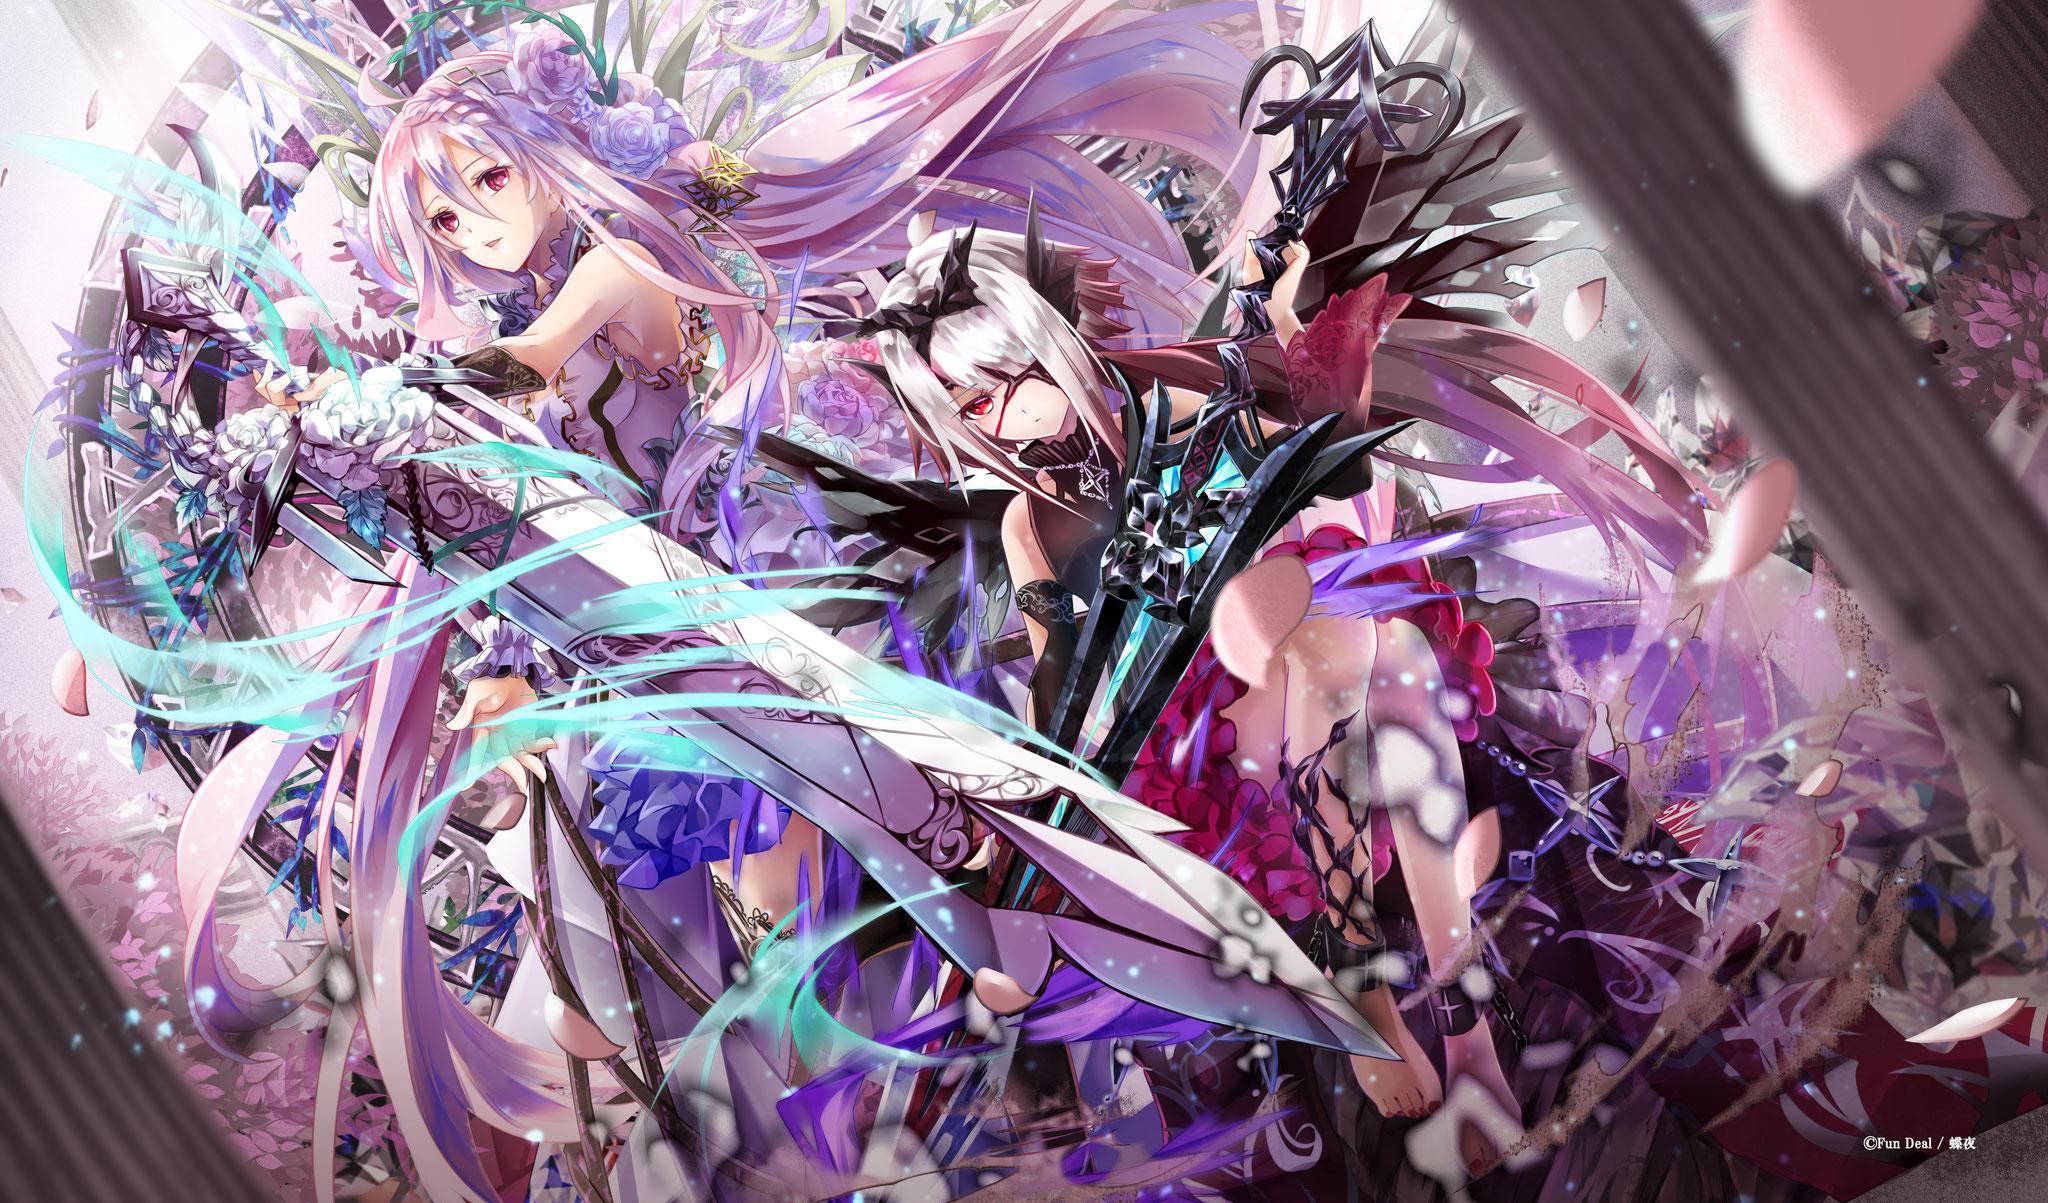 C94限定 古の王 キュベレ&ジェネシス  イラスト:蝶夜 ¥3,000(税込)